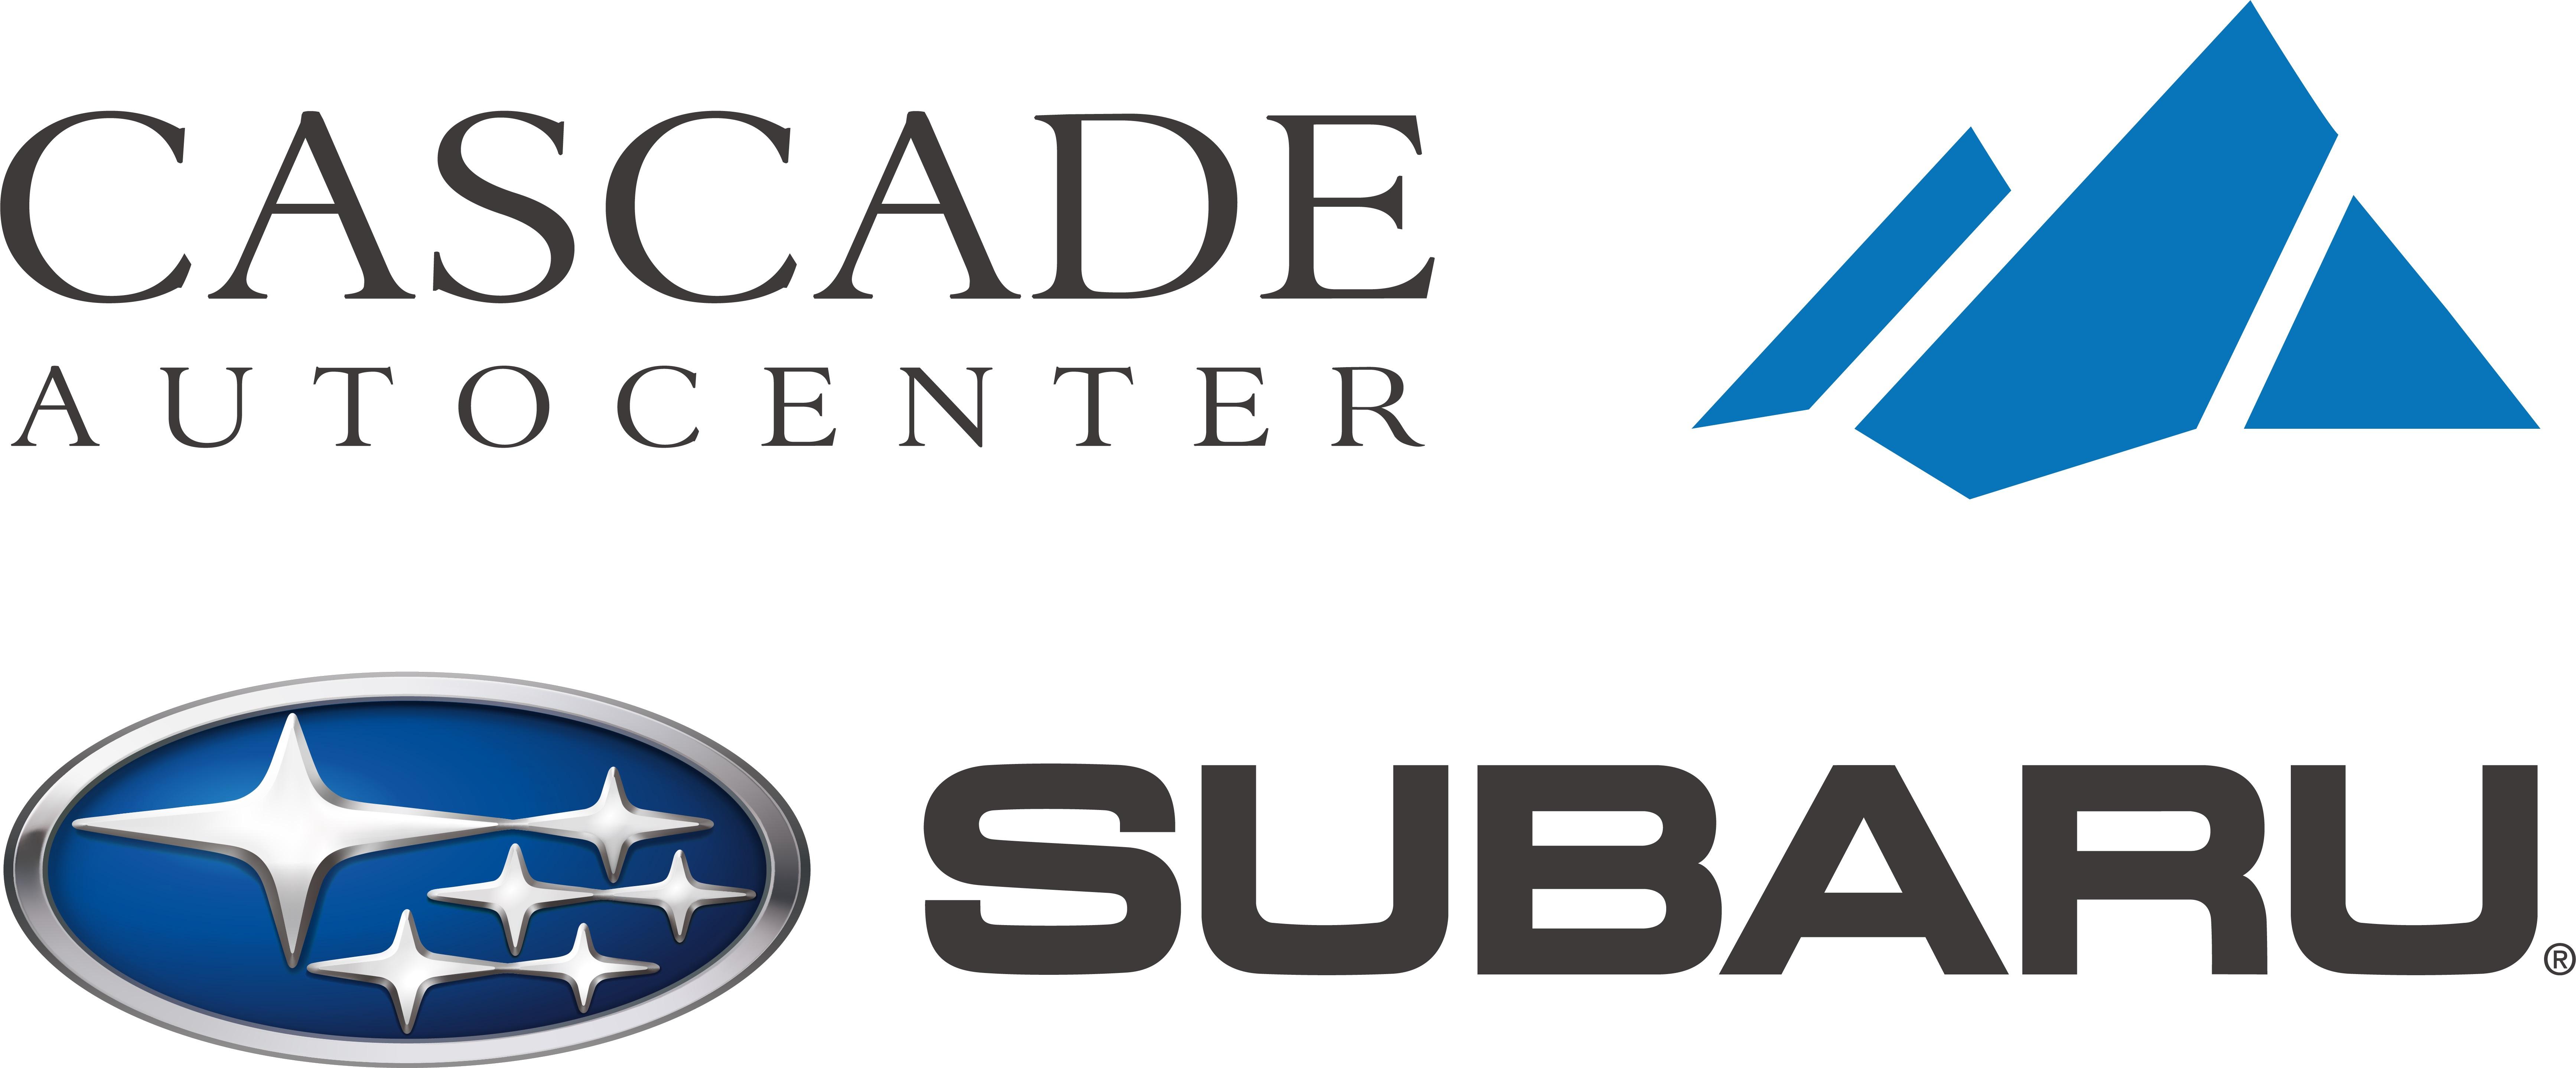 cascade auto center and subaru